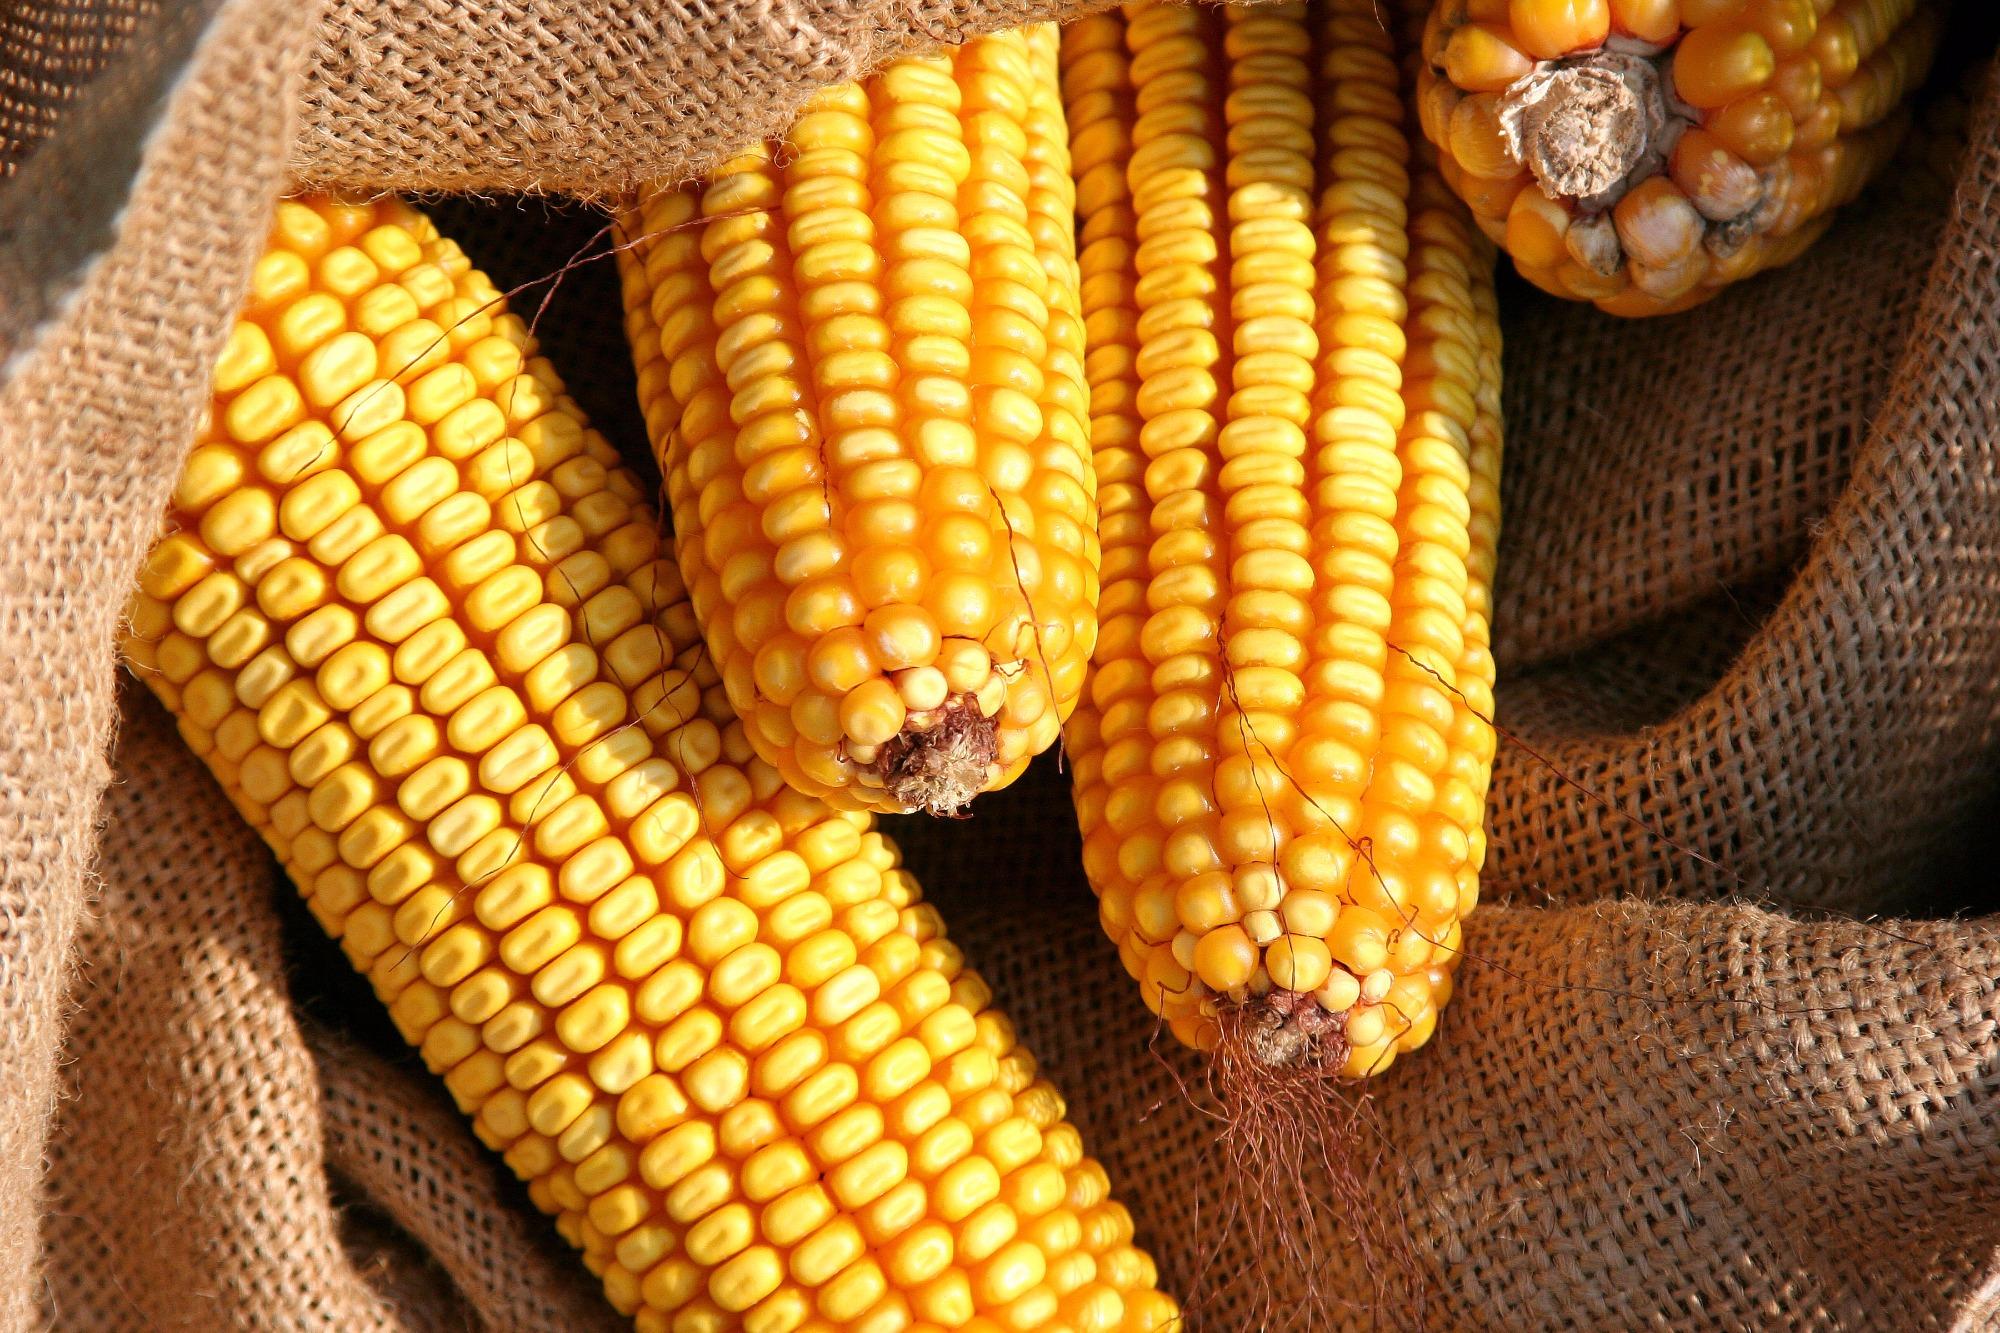 Em plena entressafra, preços do milho recuam no Brasil